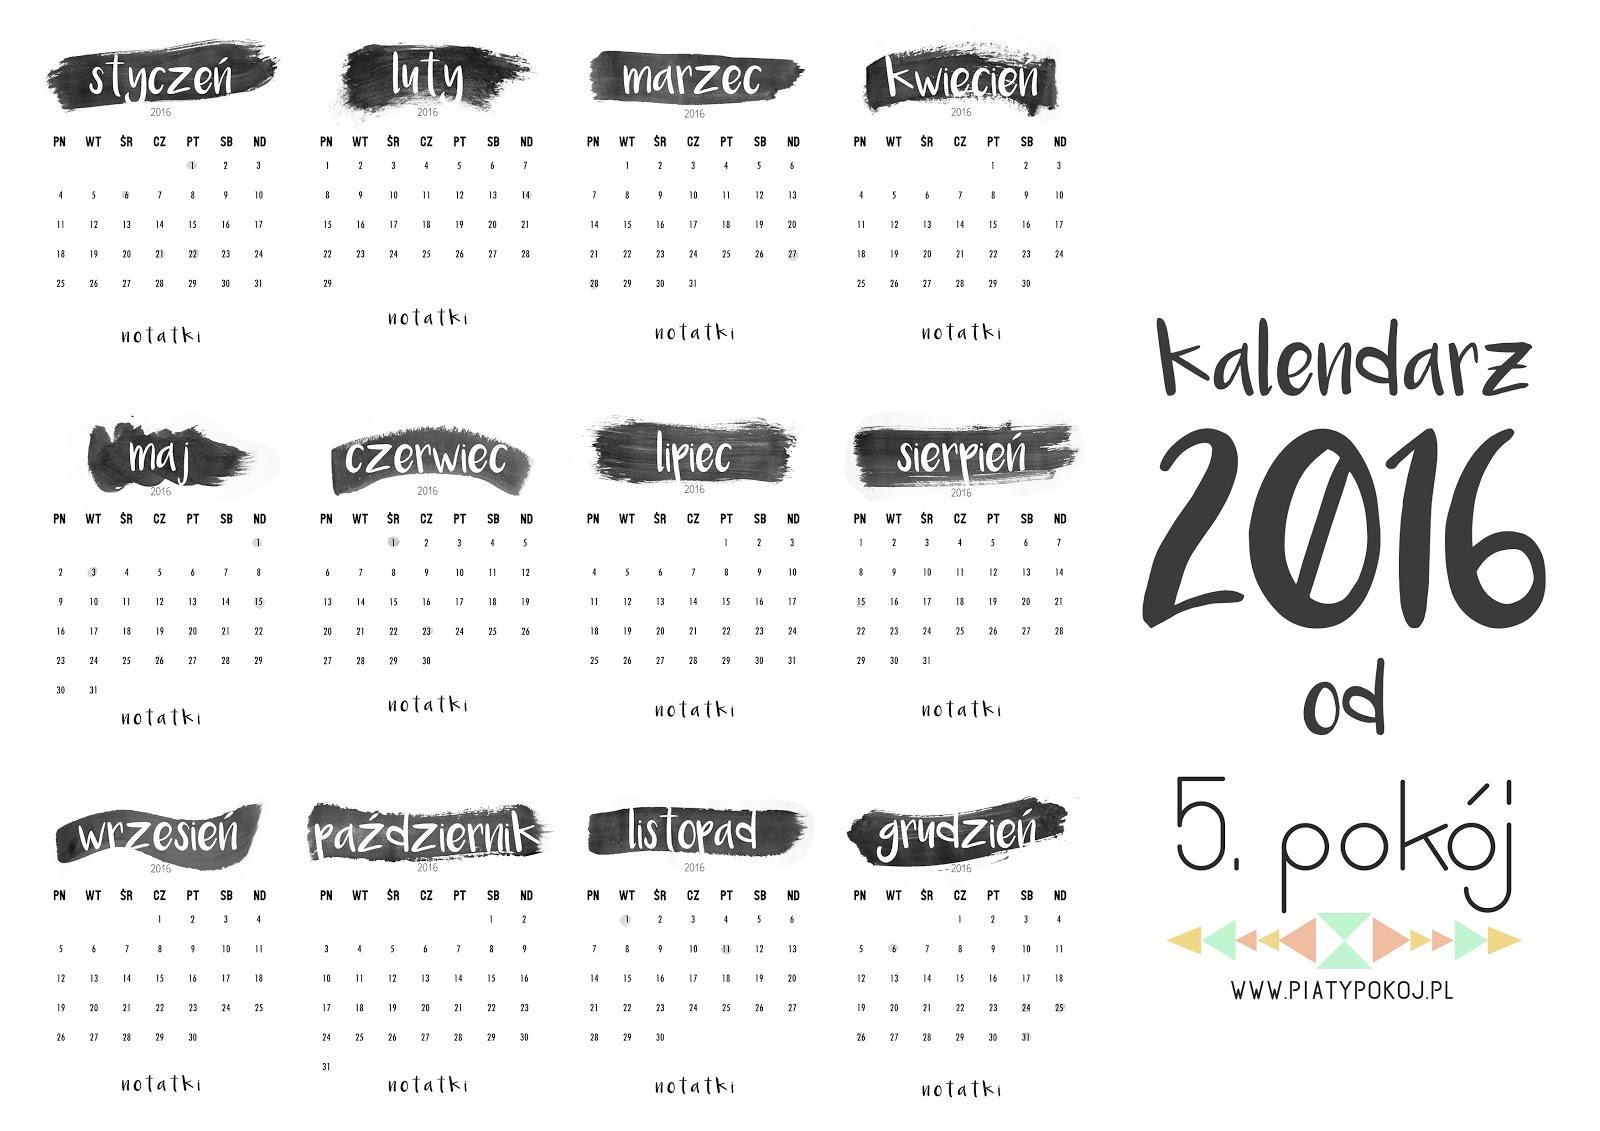 minimalistyczny kalendarz 2016 do druku